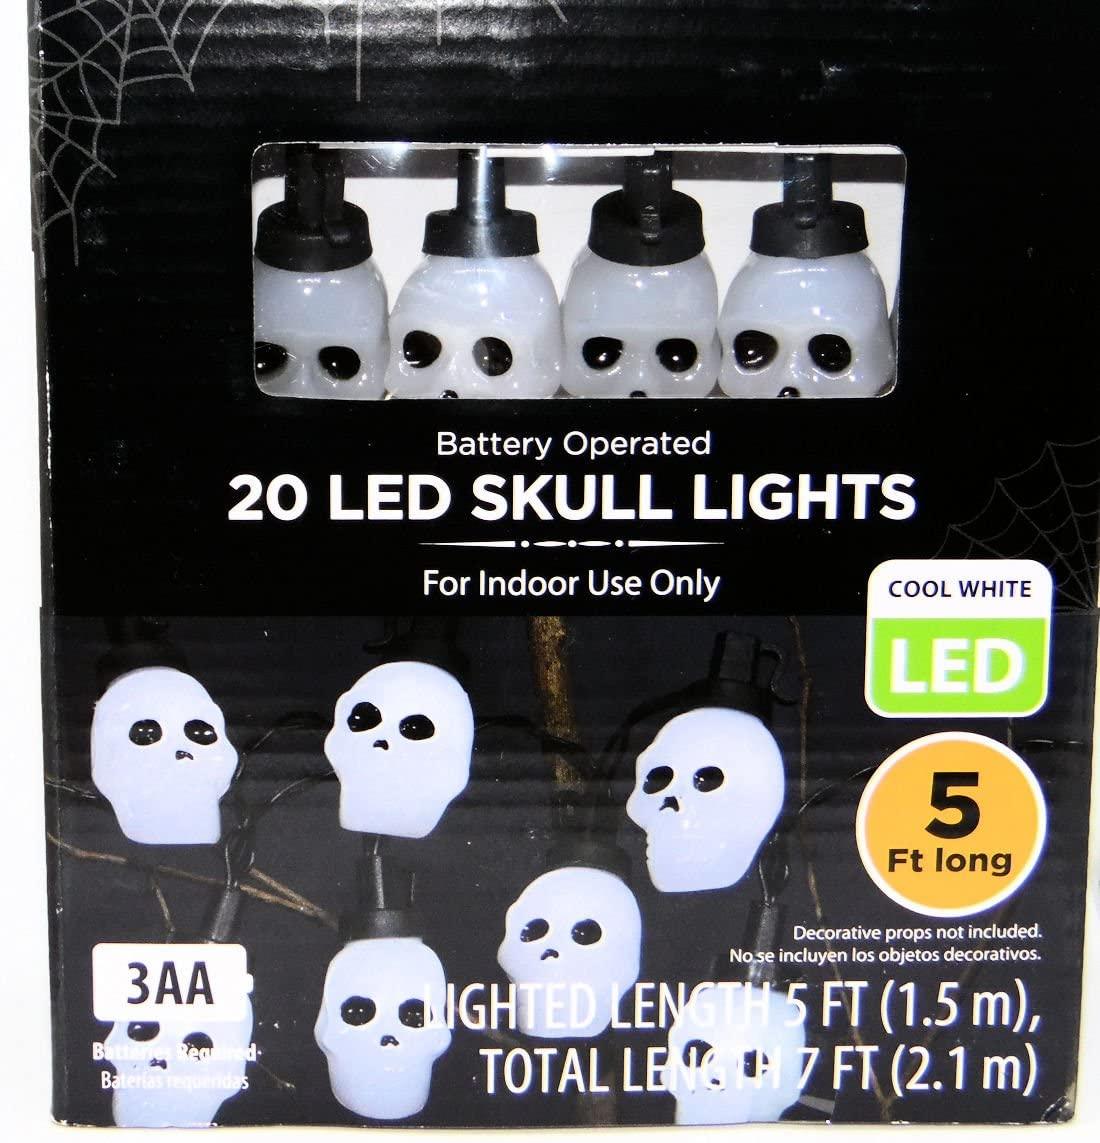 WM Halloween LED Skeleton Skulls Light Set, 20 Cool White LED Lights, Battery Operated - Batteries Not Included